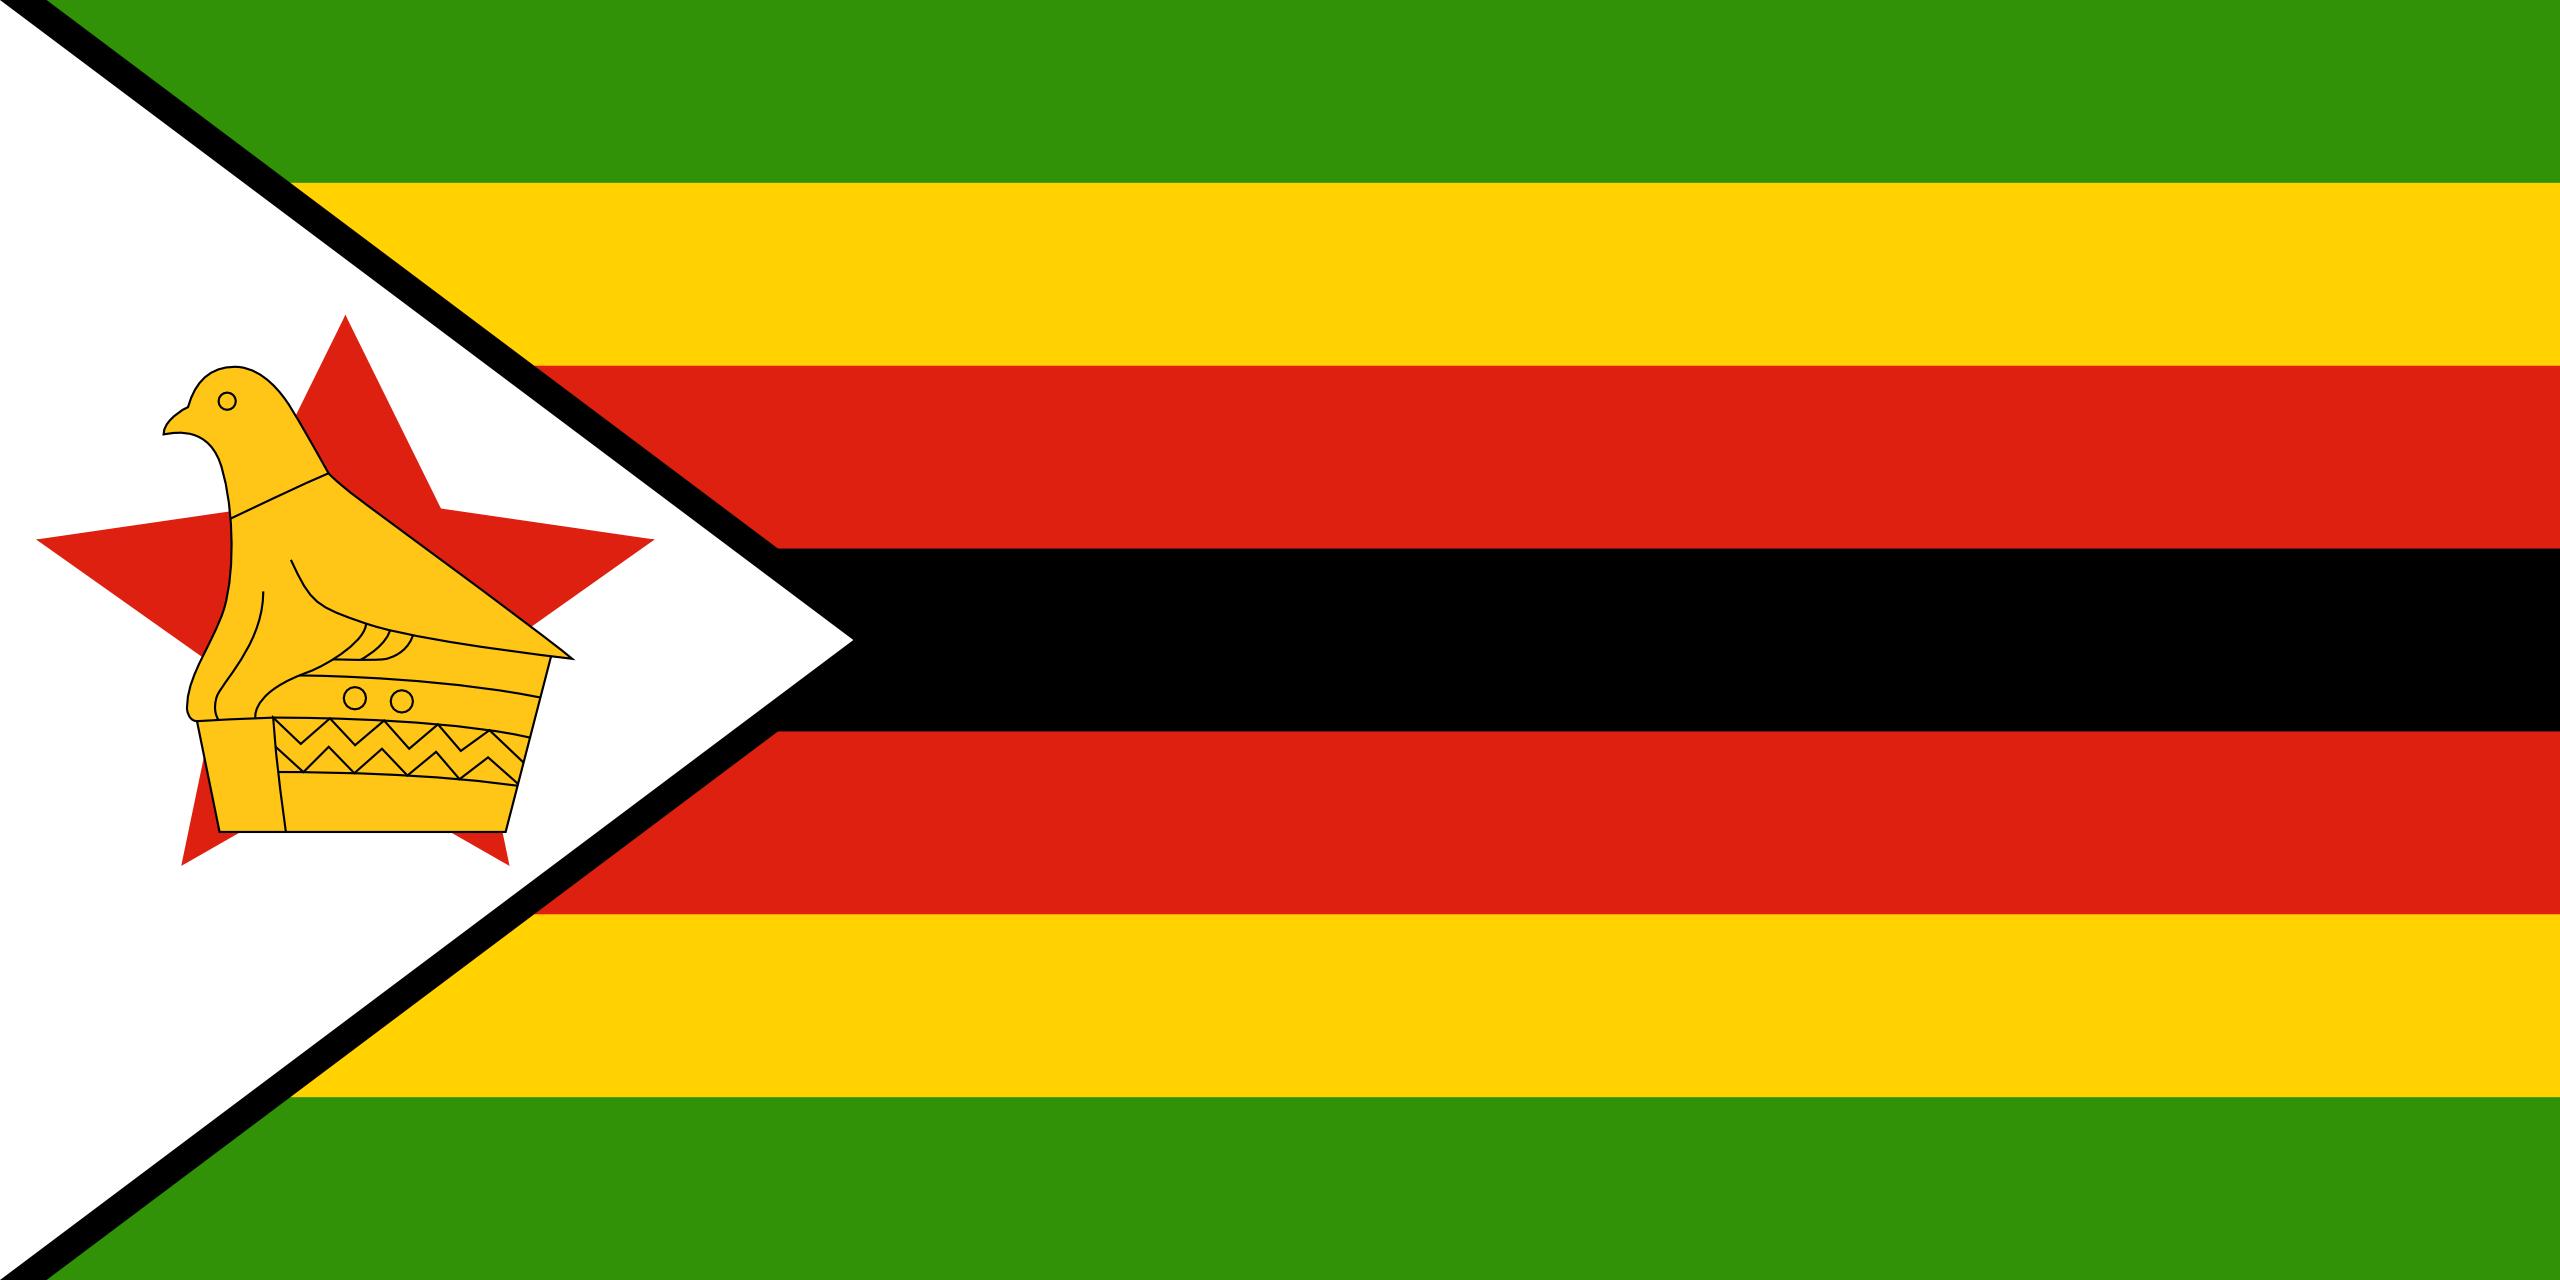 ज़िम्बाब्वे, देश, emblema, लोग�प्रतीकbolo - HD वॉलपेपर - प्रोफेसर-falken.com